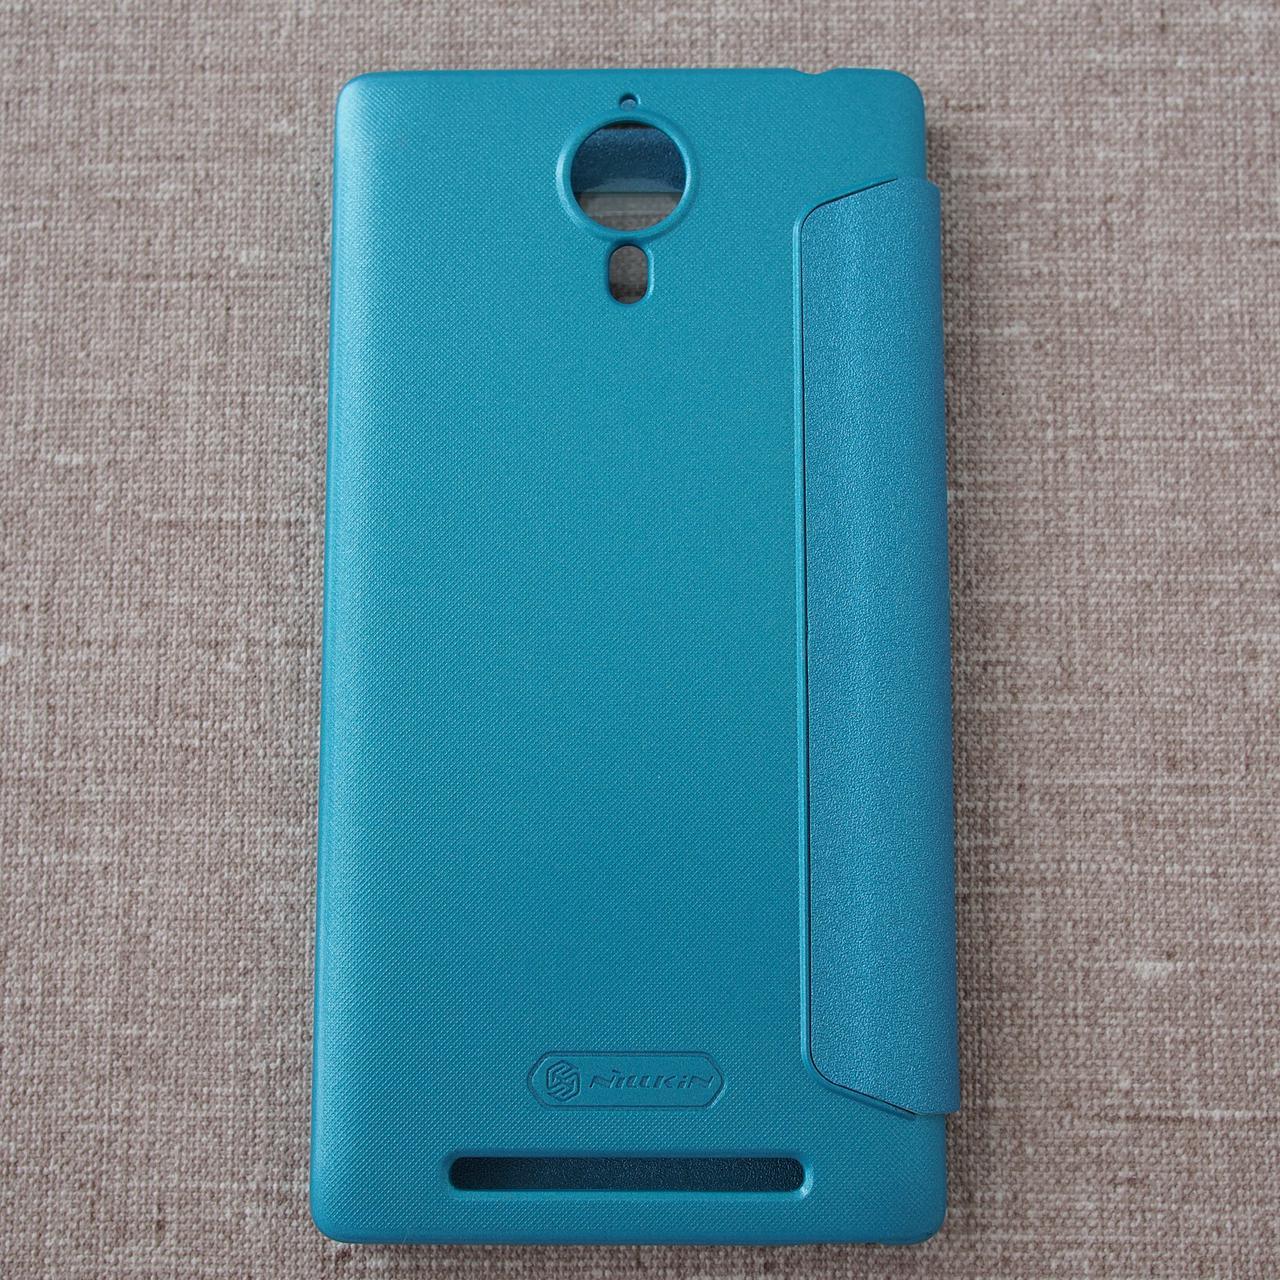 Nillkin Sparkle Lenovo P90 K80 turquoise